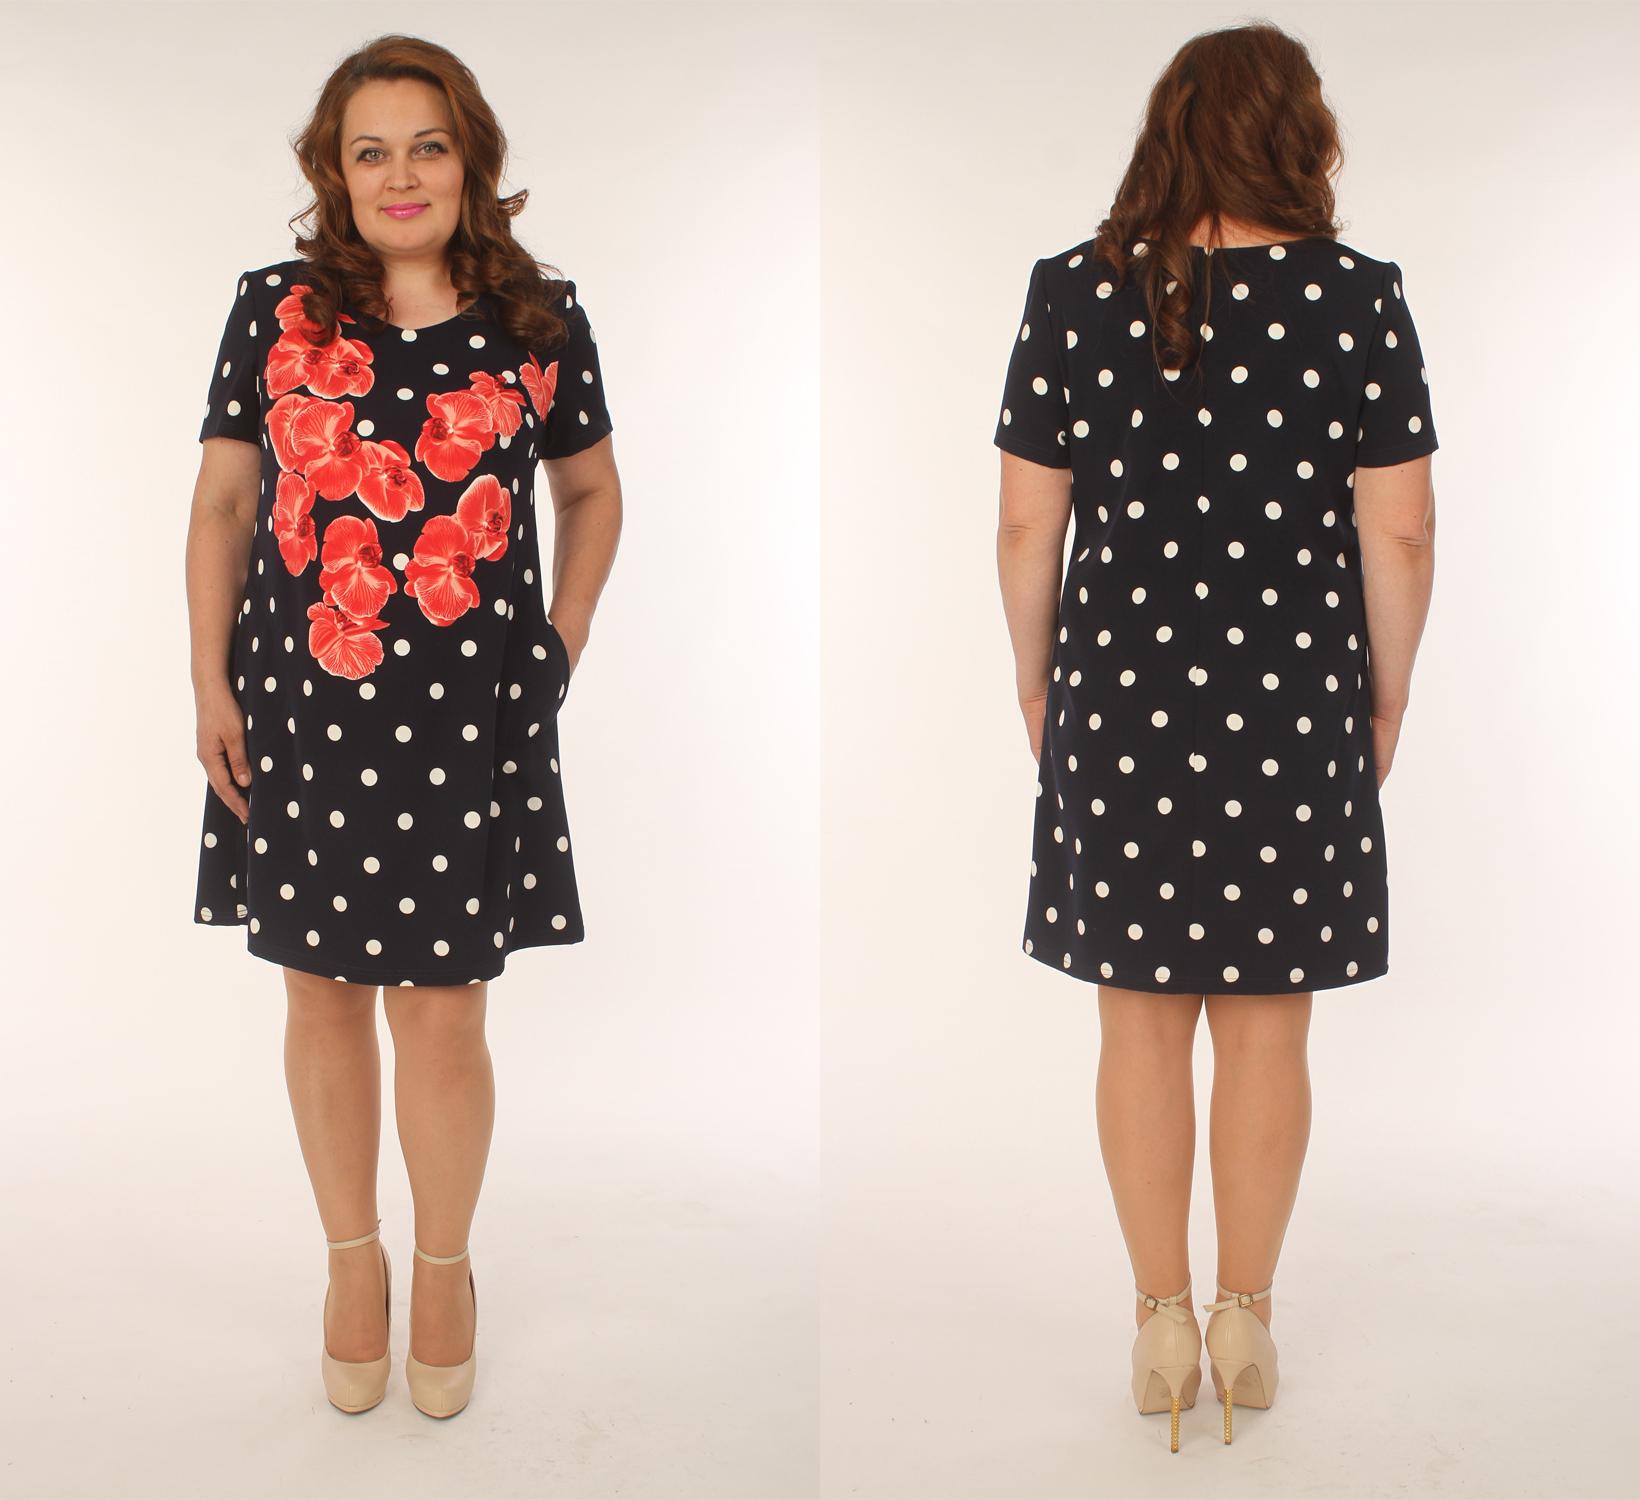 Cбор заказов. Платья, платья платья, различные модели на любую фигуру, Размеры 42-58, очень много новых моделей, готовимся к летнему сезону-12